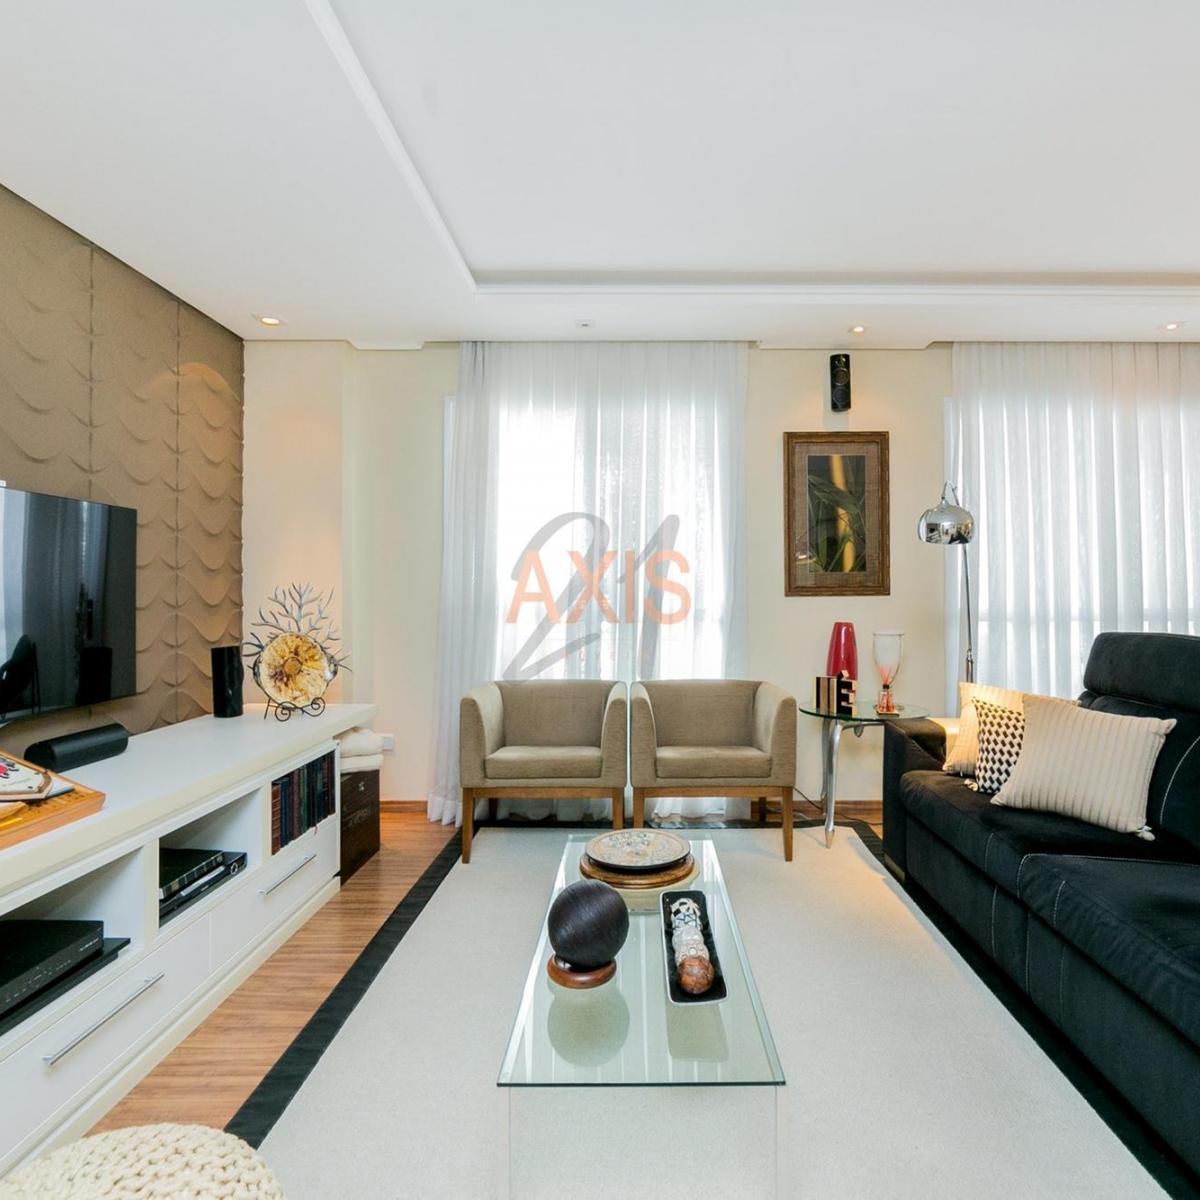 http://www.infocenterhost2.com.br/crm/fotosimovel/444666/104414637-apartamento-curitiba-mossungue_marcadagua.jpg